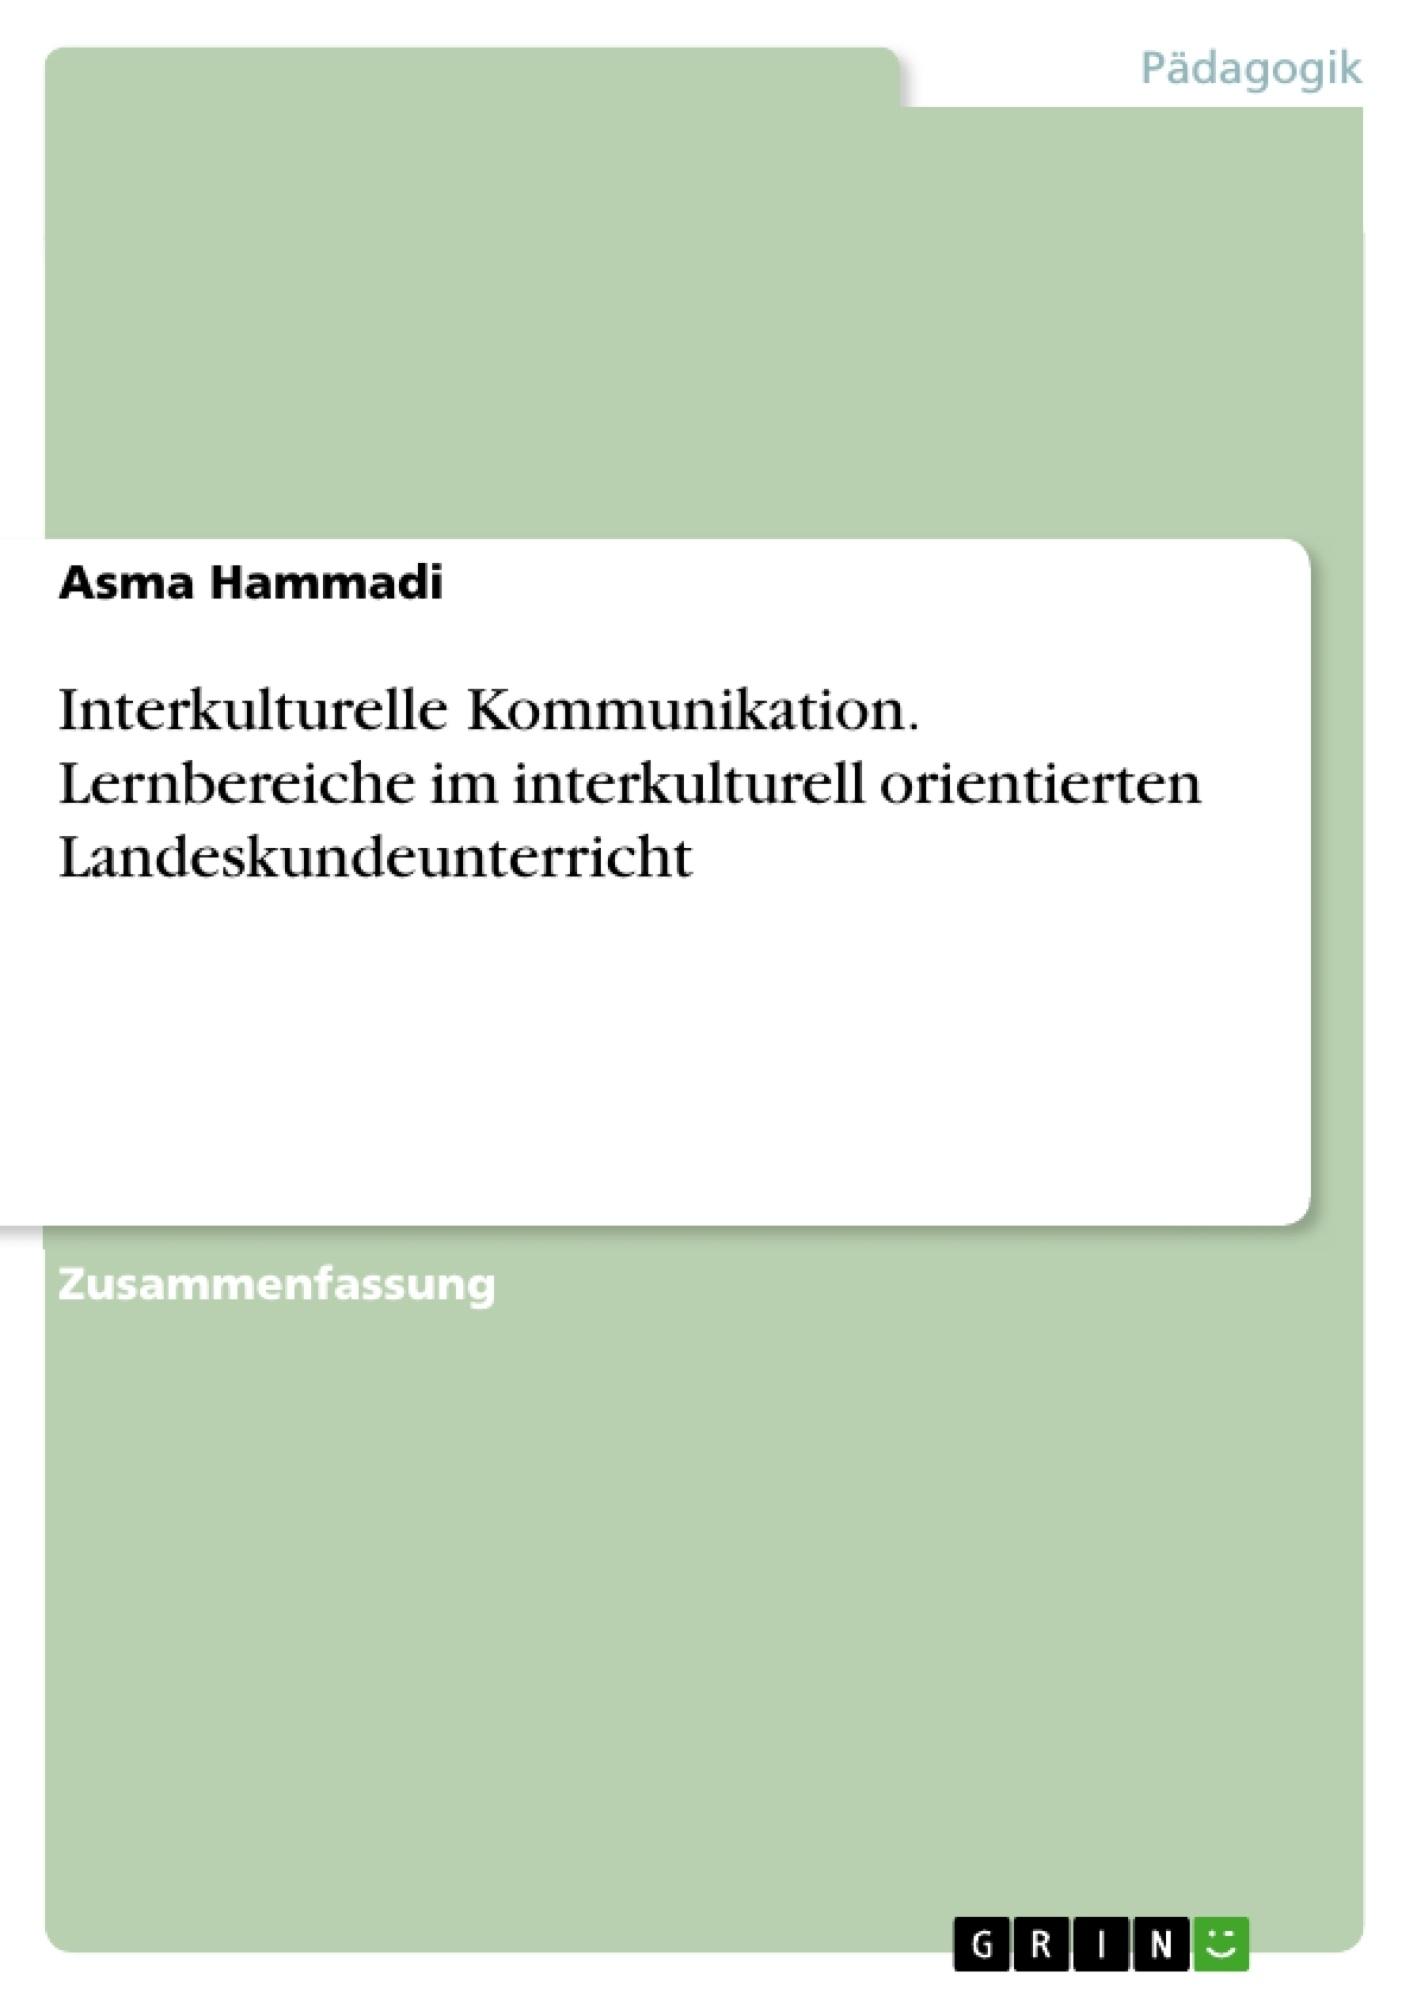 Titel: Interkulturelle Kommunikation. Lernbereiche im interkulturell orientierten Landeskundeunterricht